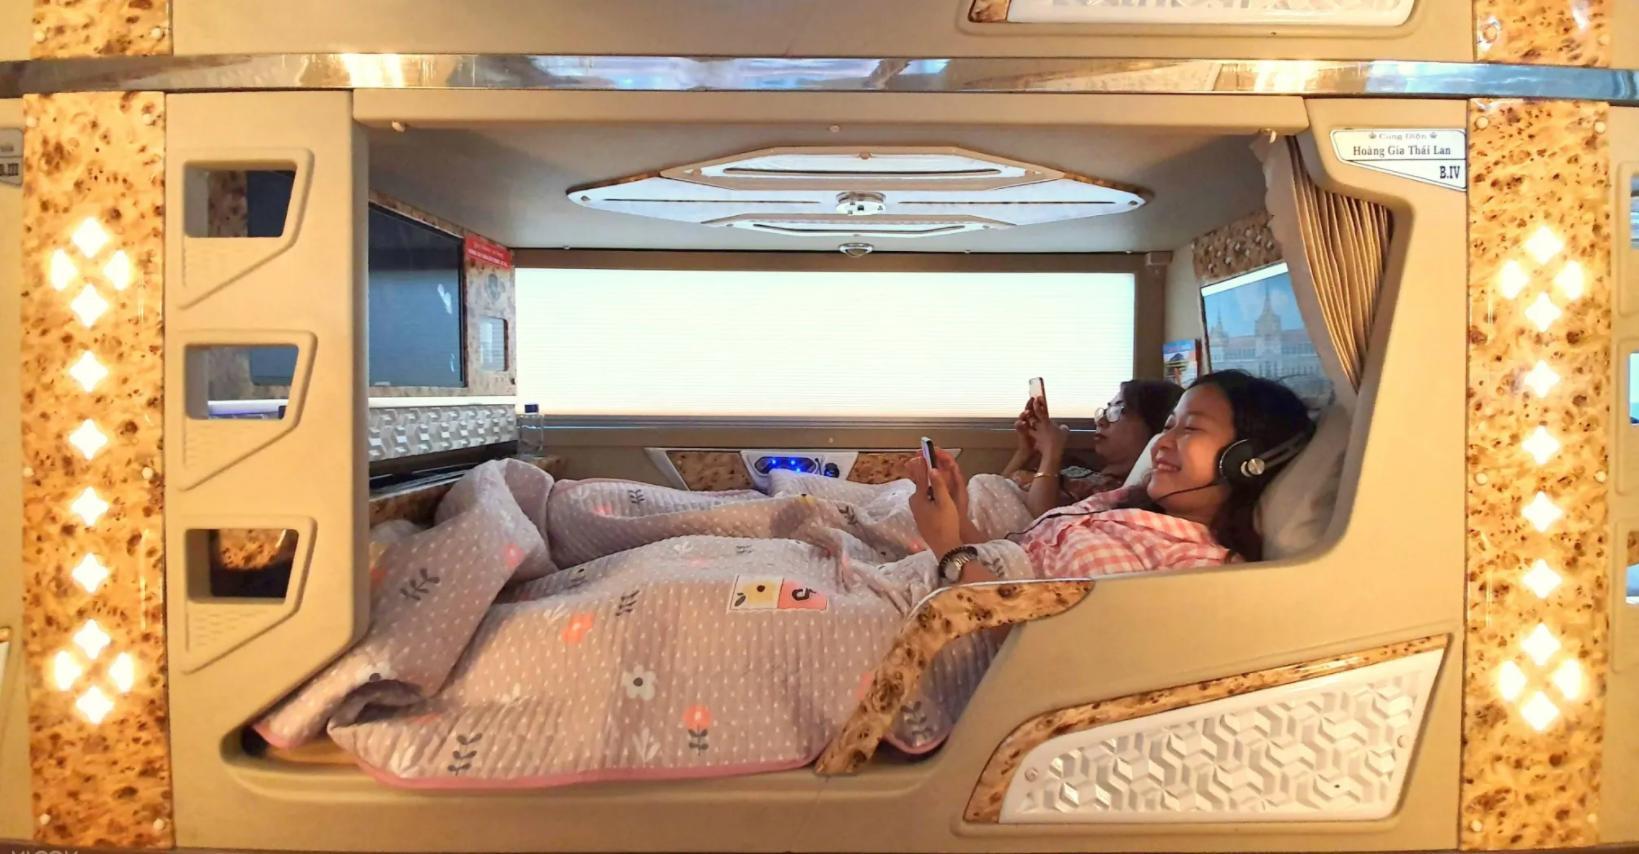 Xe giường nằm đôi đi Sapa - Cabin đôi Sao Việt với không gian rộng rãi, tiện nghi hiện đại và sang trọng